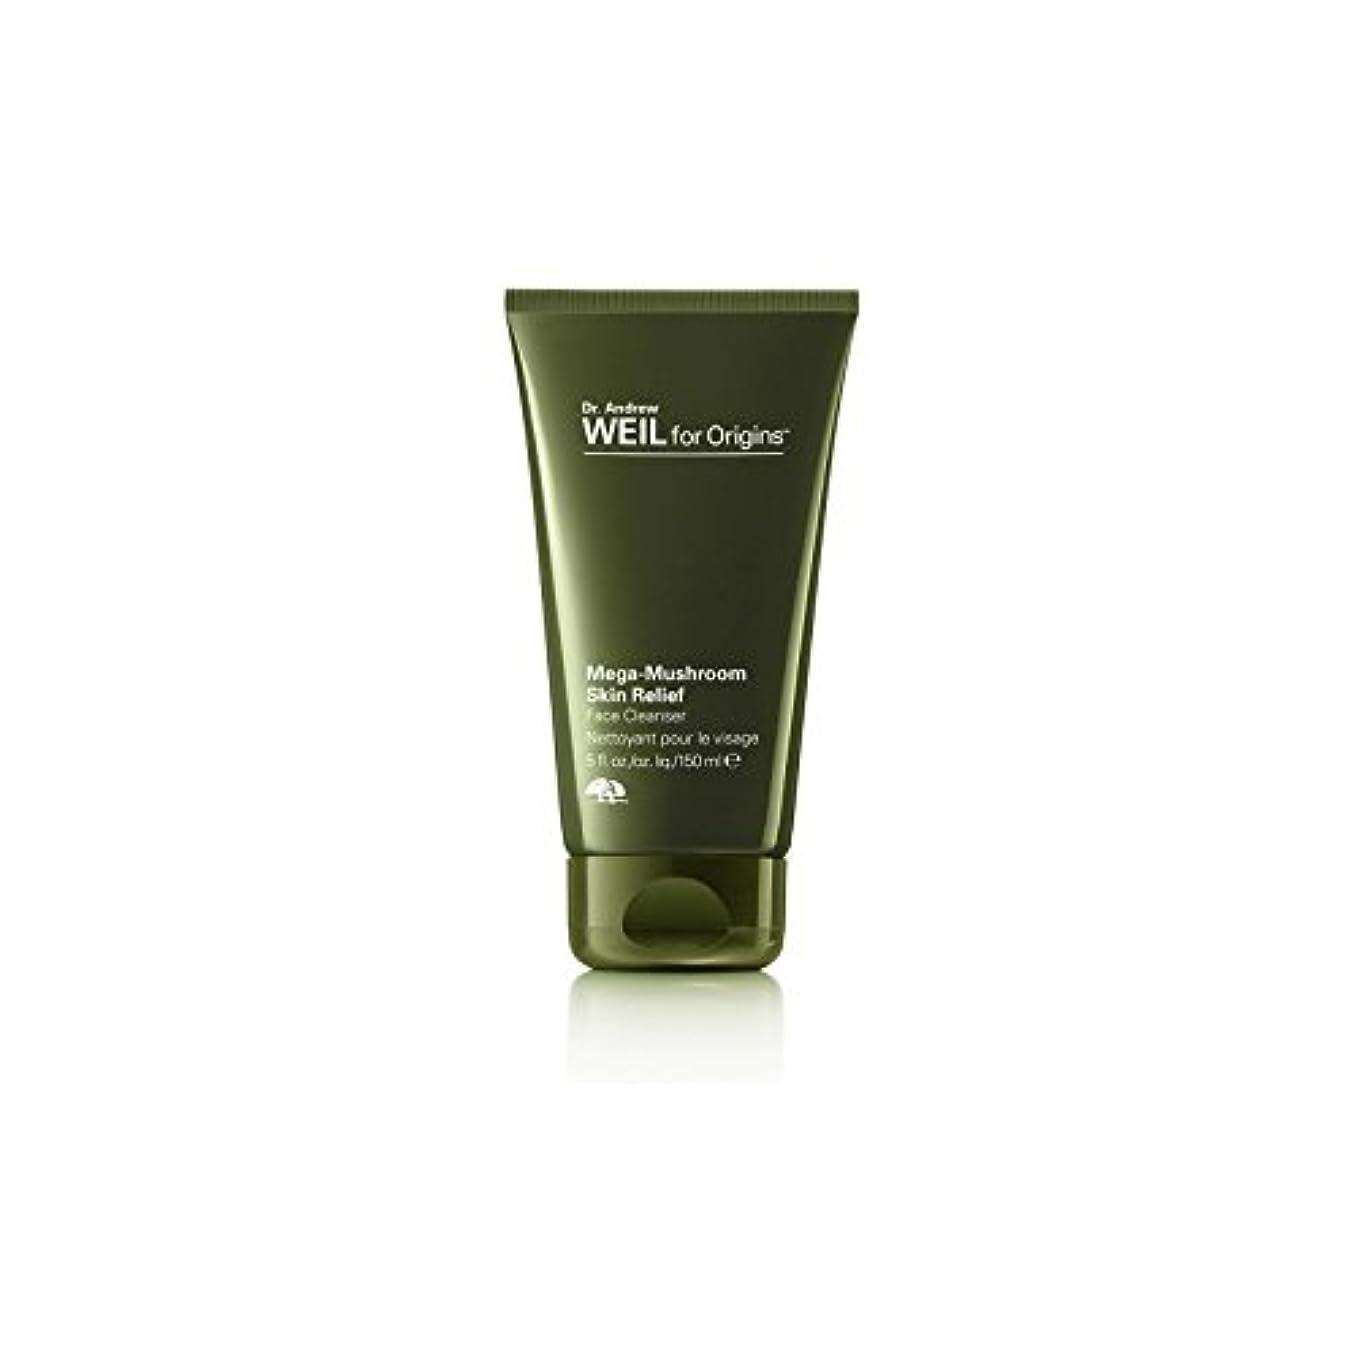 保持教授石膏起源アンドルー?ワイル起源メガキノコ皮膚救済顔クレンザー150ミリリットルのために x4 - Origins Dr. Andrew Weil For Origins Mega-Mushroom Skin Relief Face...